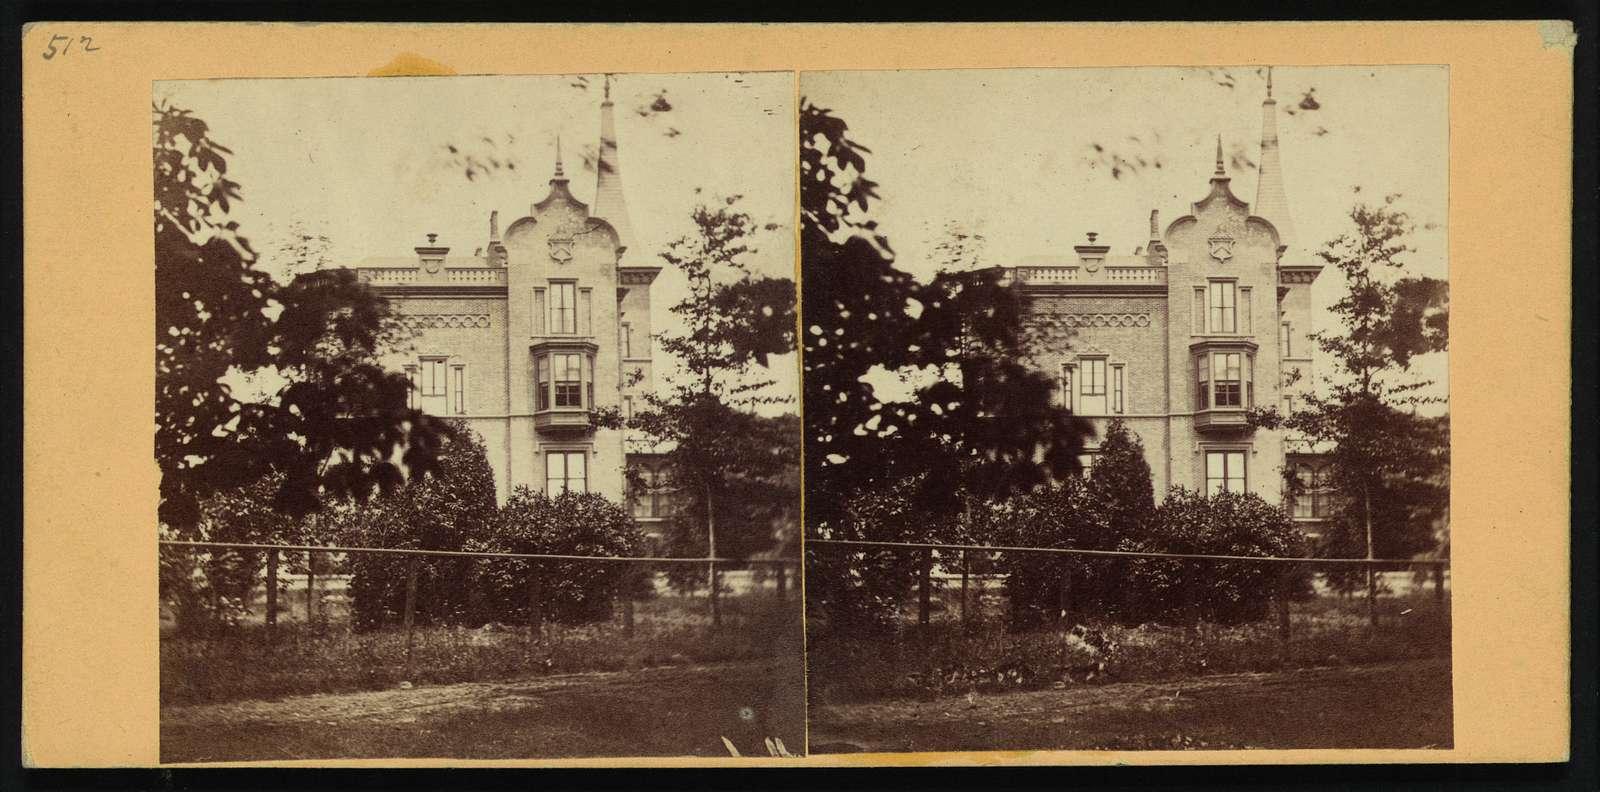 Residence(?) of Gen. Kearney(?) near Newark, N.J.